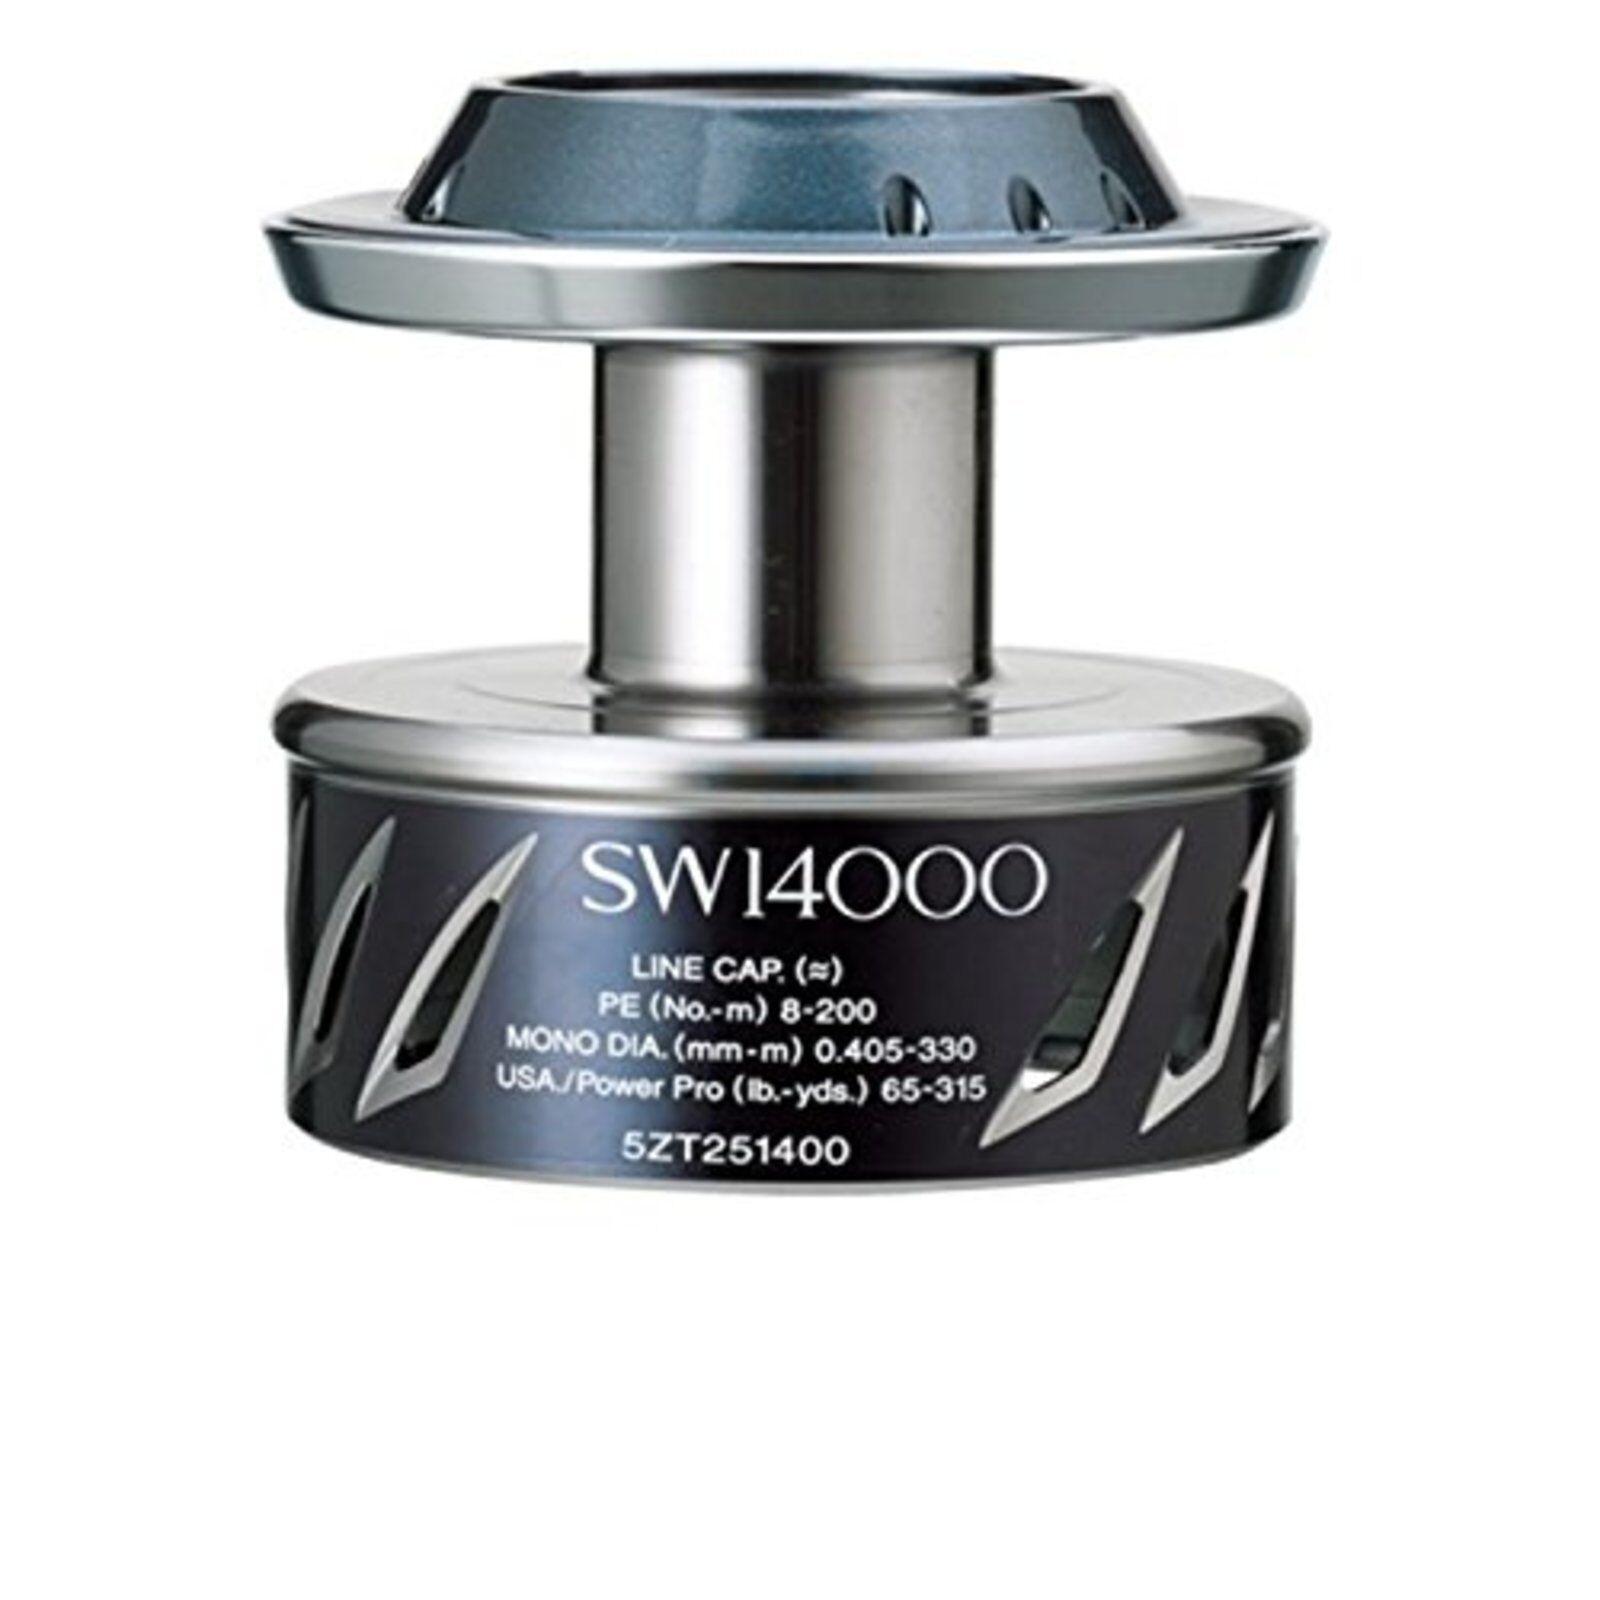 Shiuomoo reel Yumeya 13 Stella SW 14000 energia drag spool FS wTracre  Japan